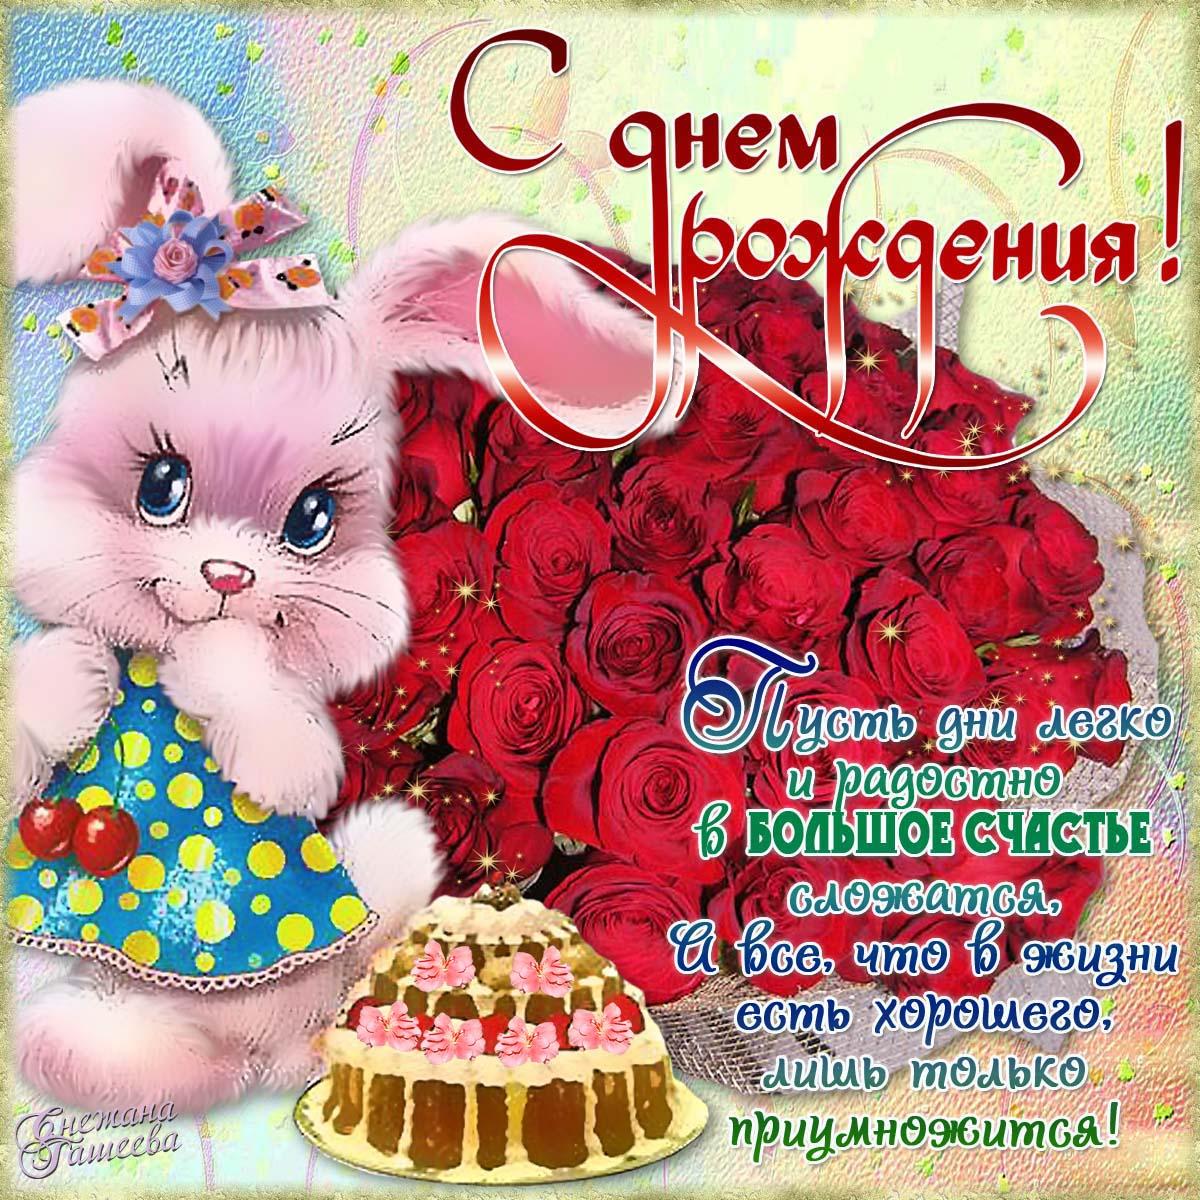 Самая красивая открытка с днем рождения девочке